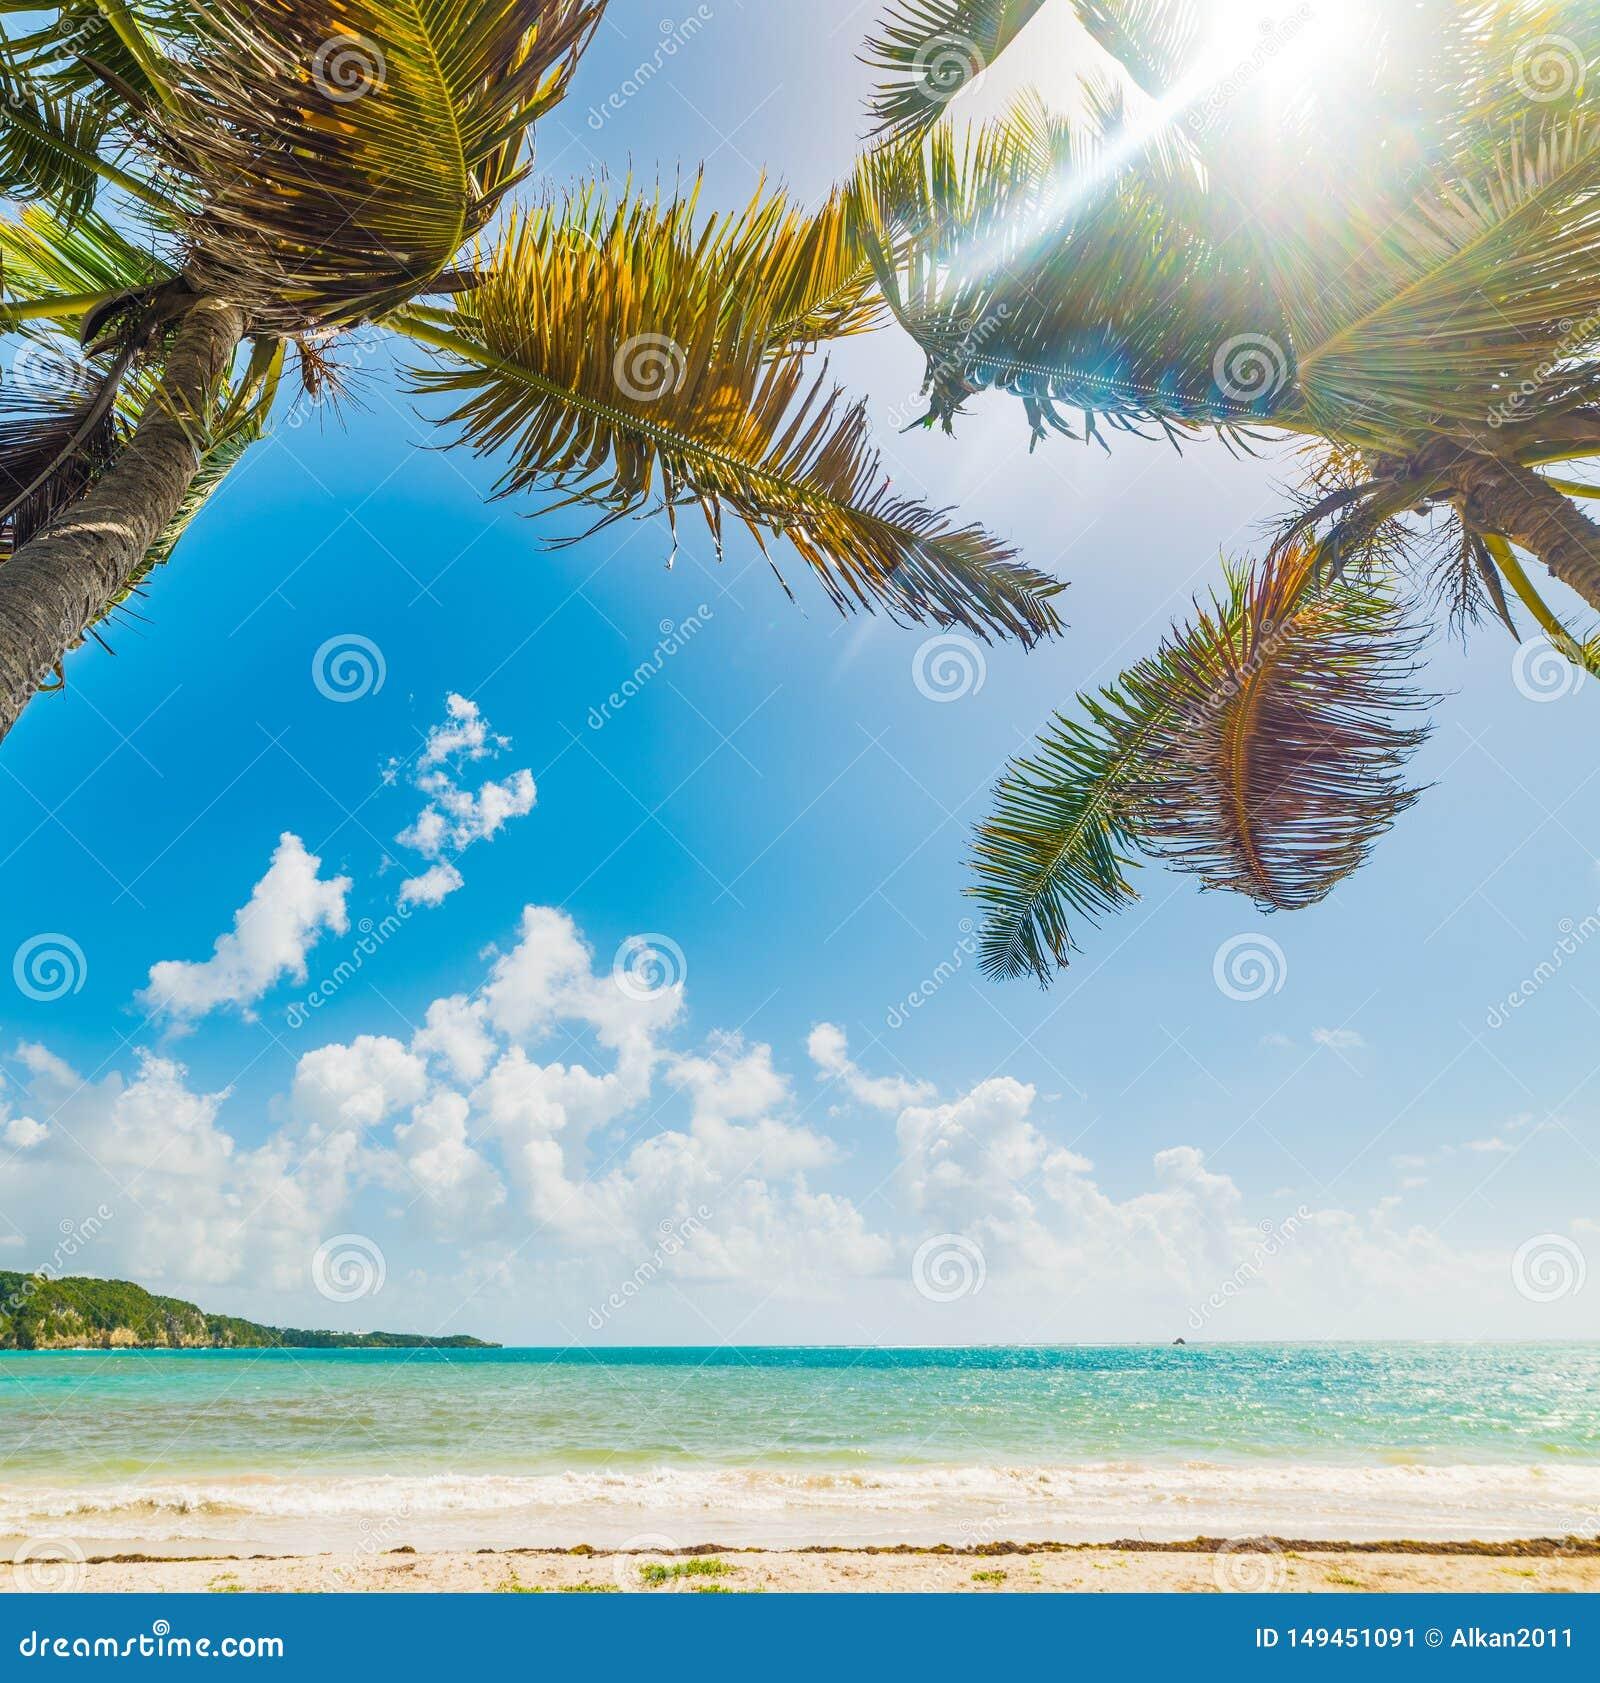 Guadeloupe Beach: Pointe De La Saline Beach In Guadeloupe Stock Image